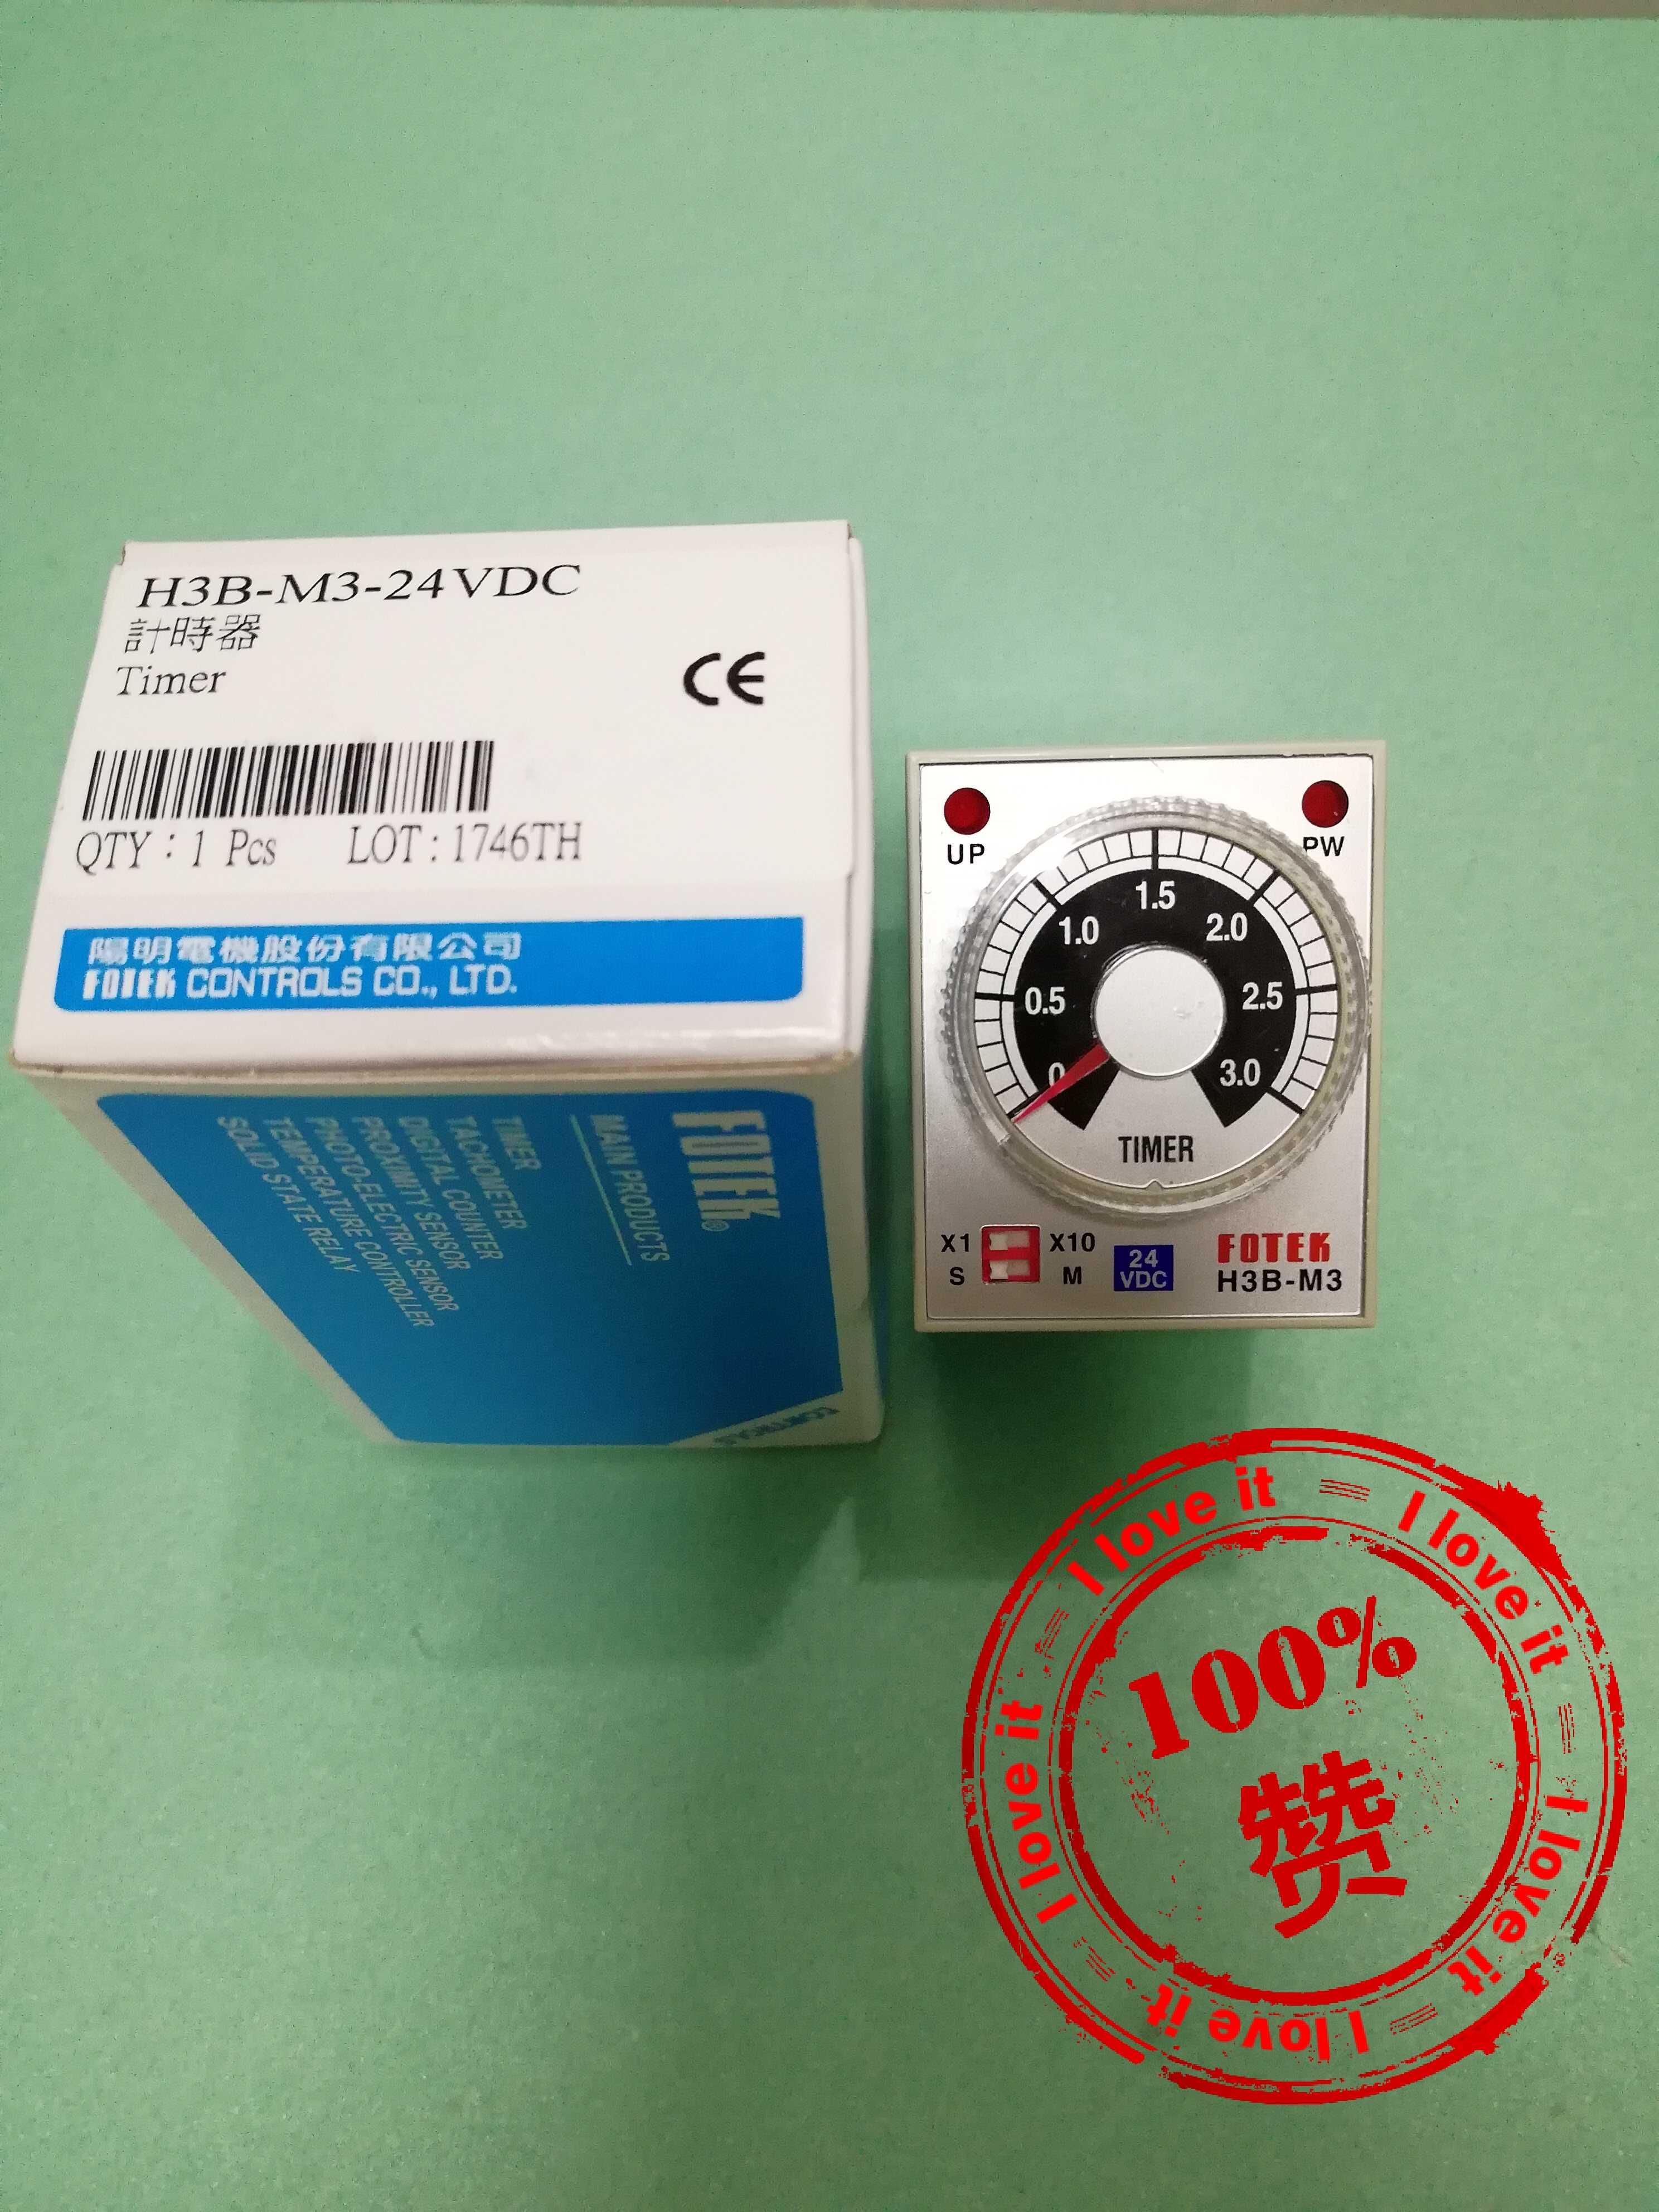 New Original Time Relay H3B-M3-24VDC 24V